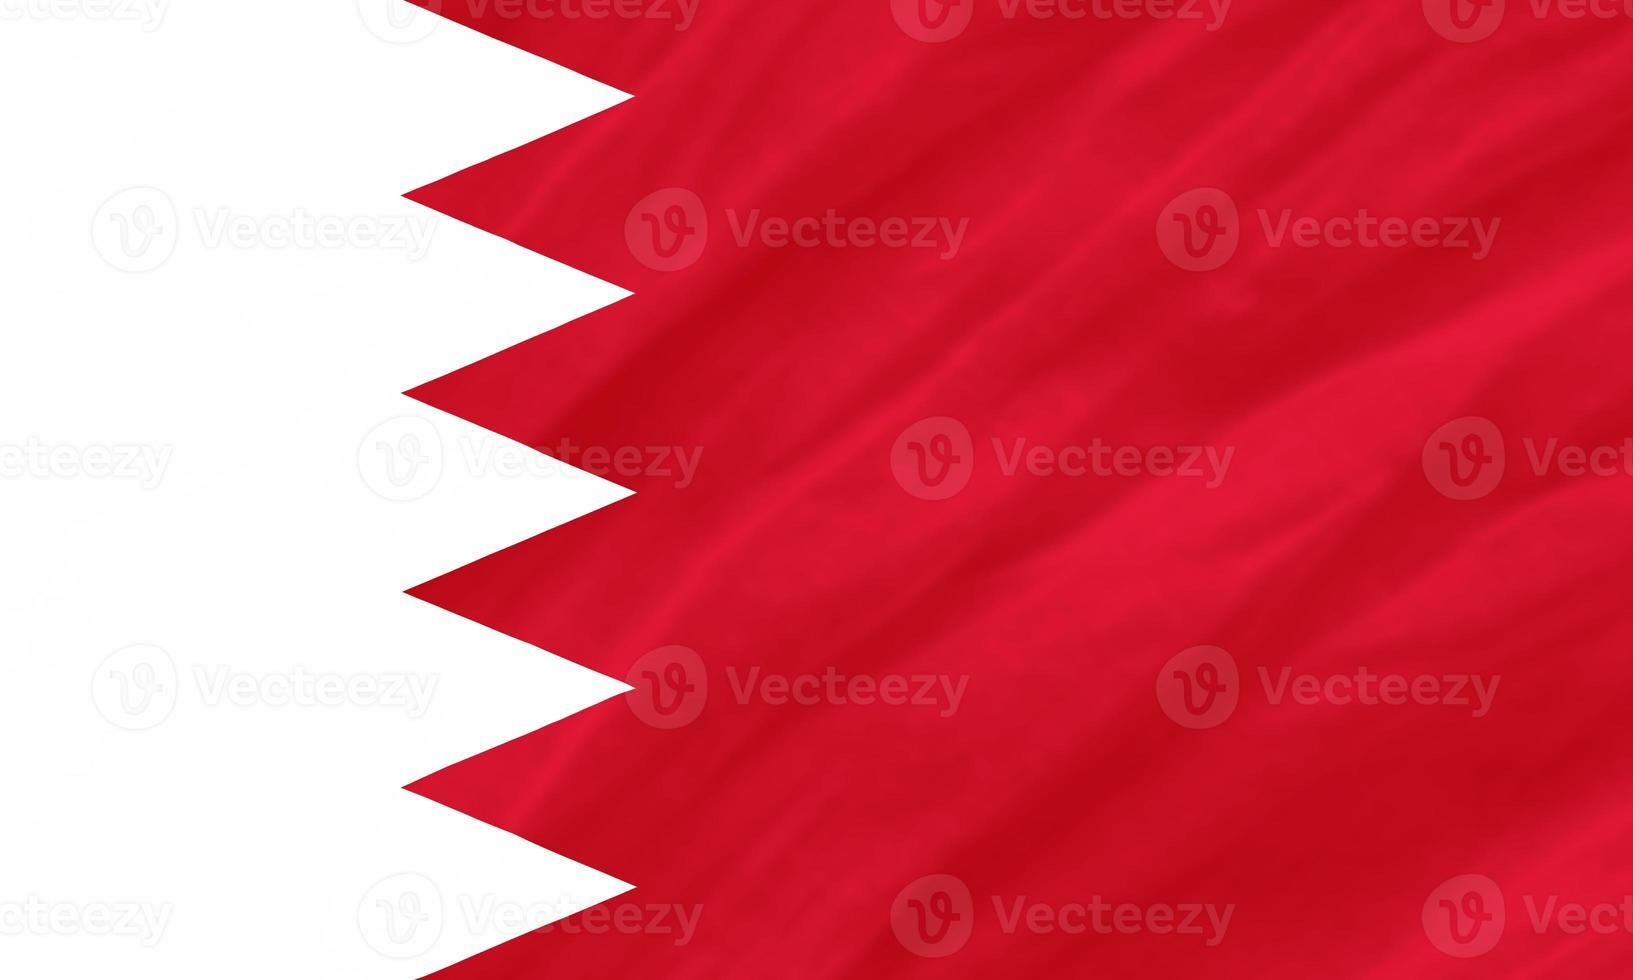 achtergrond van rimpel Bahrein vlag foto